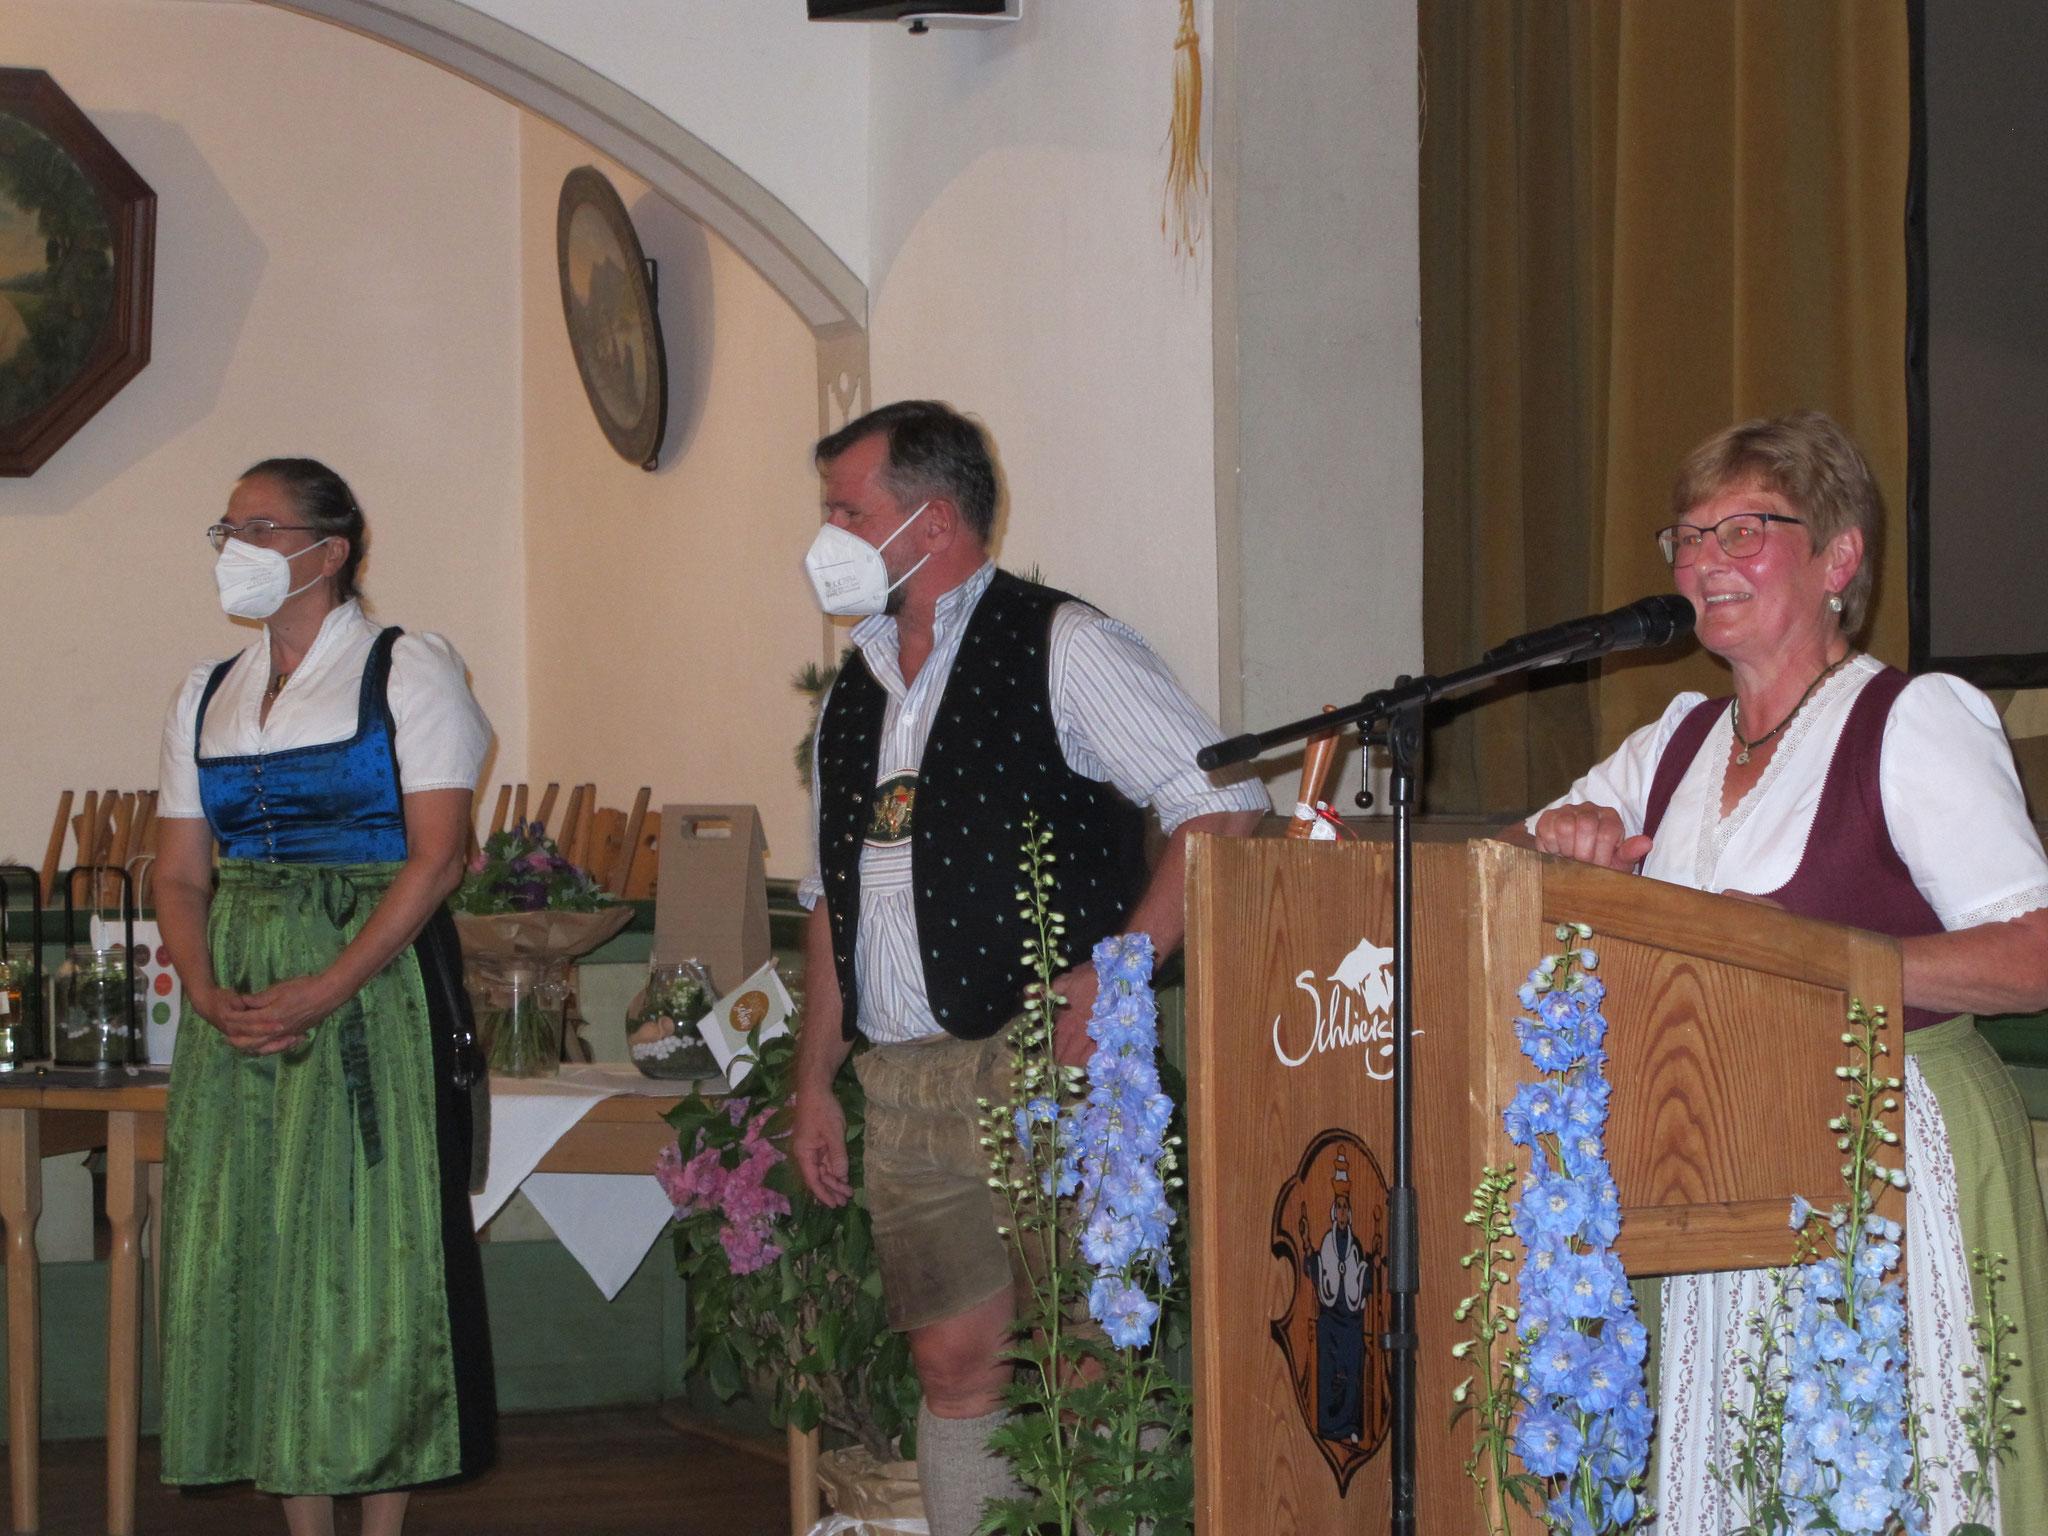 Kreisvorsitzende Simone Kerkel und Bürgermeister Franz Schnitzenbaumer mit Astrid Leitner